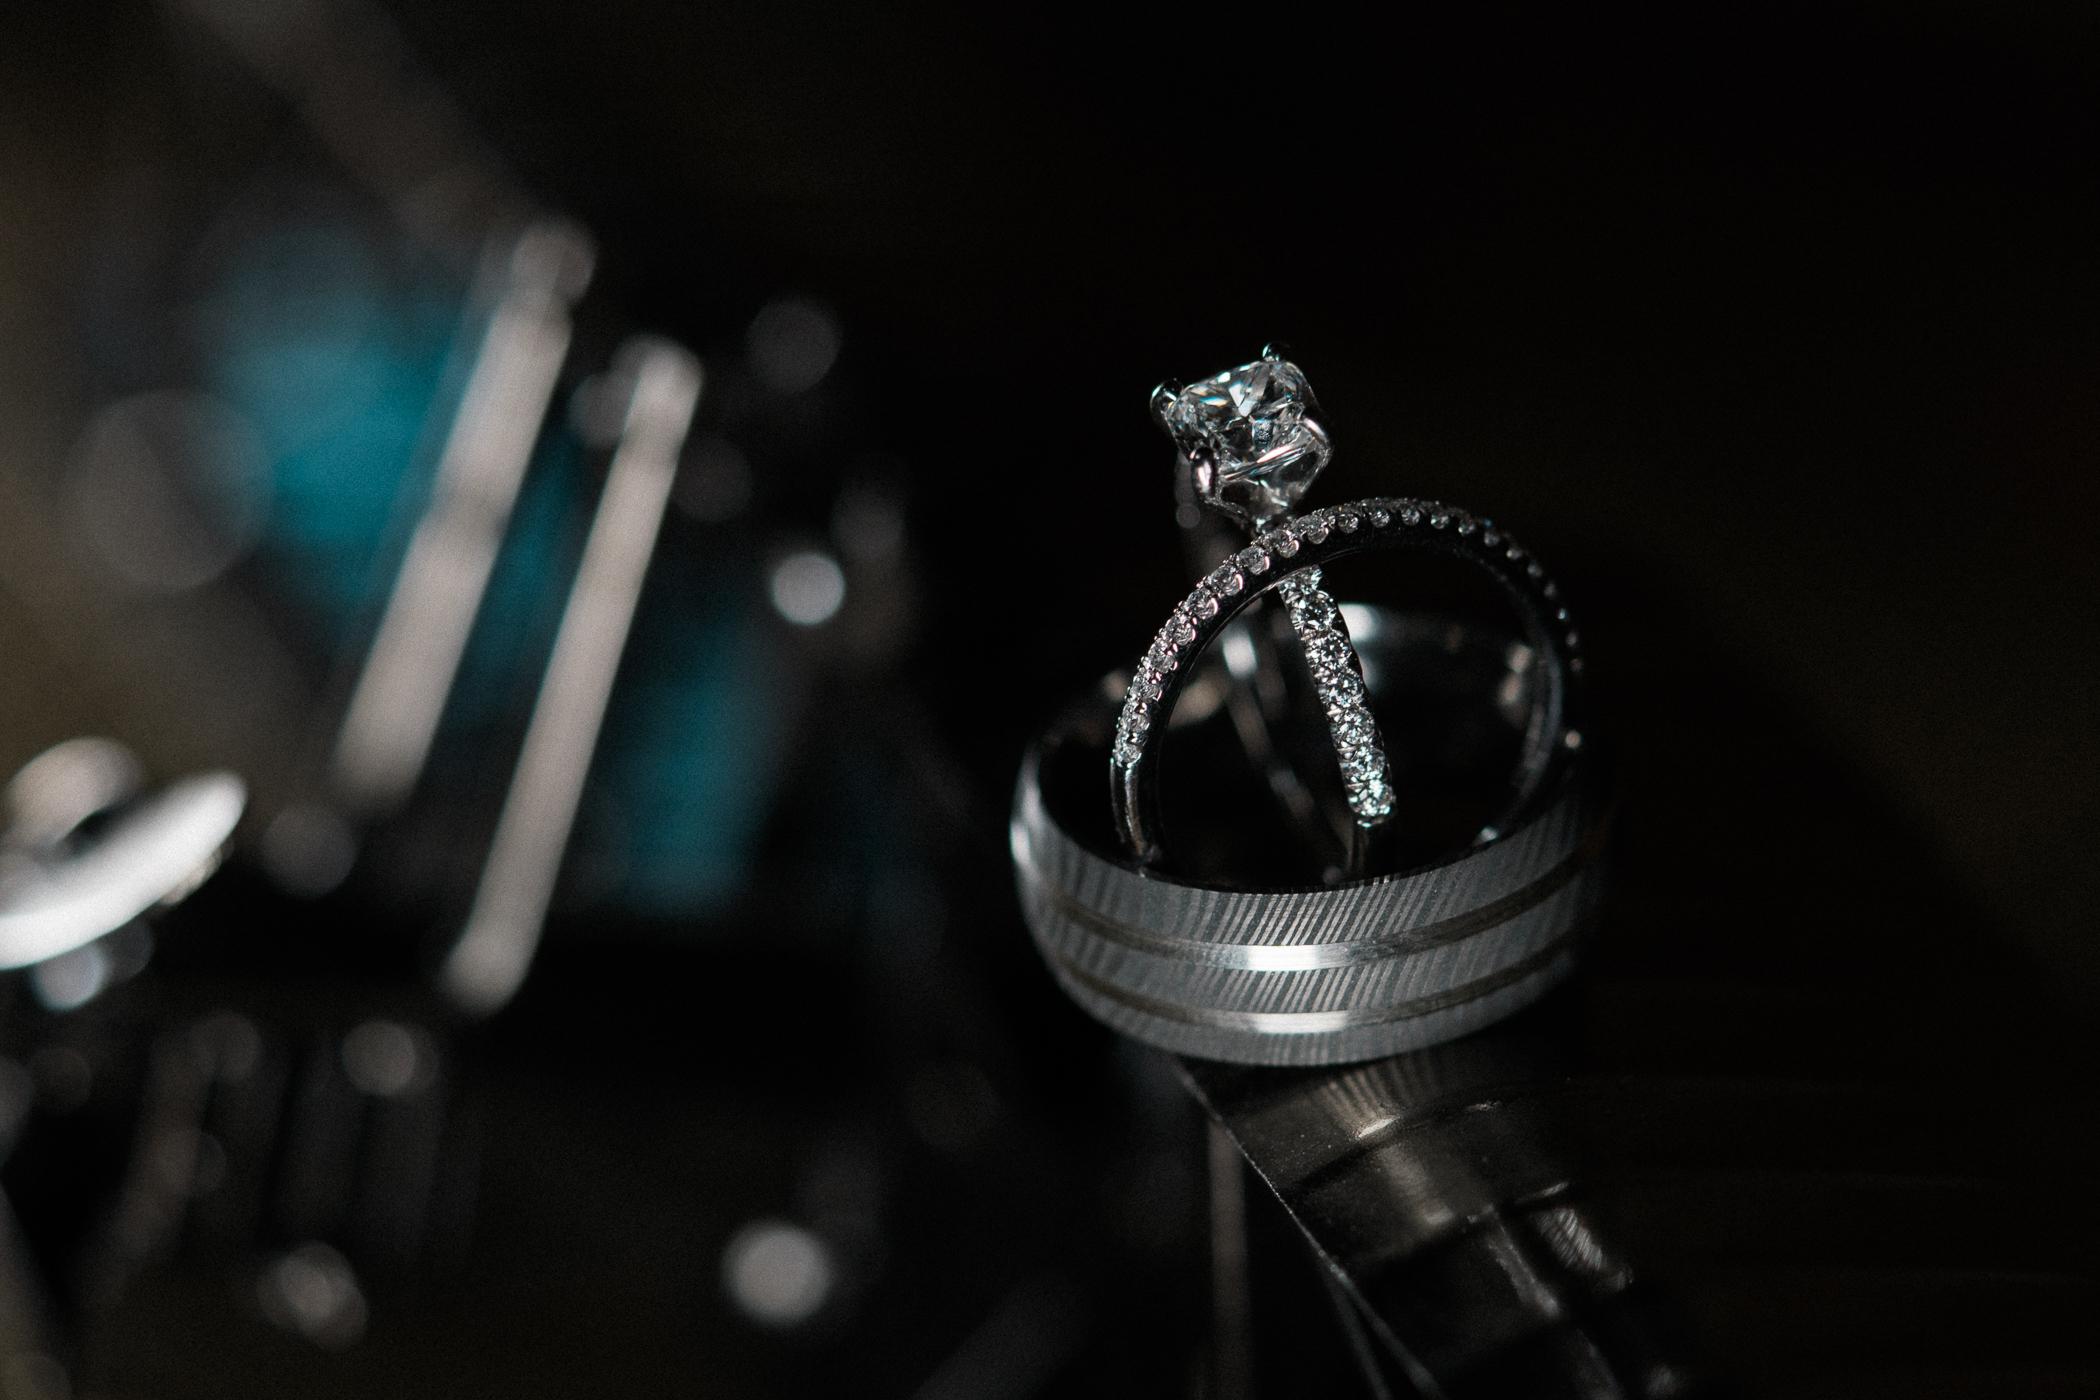 san-antonio-wedding-photographer-rings-01.jpg